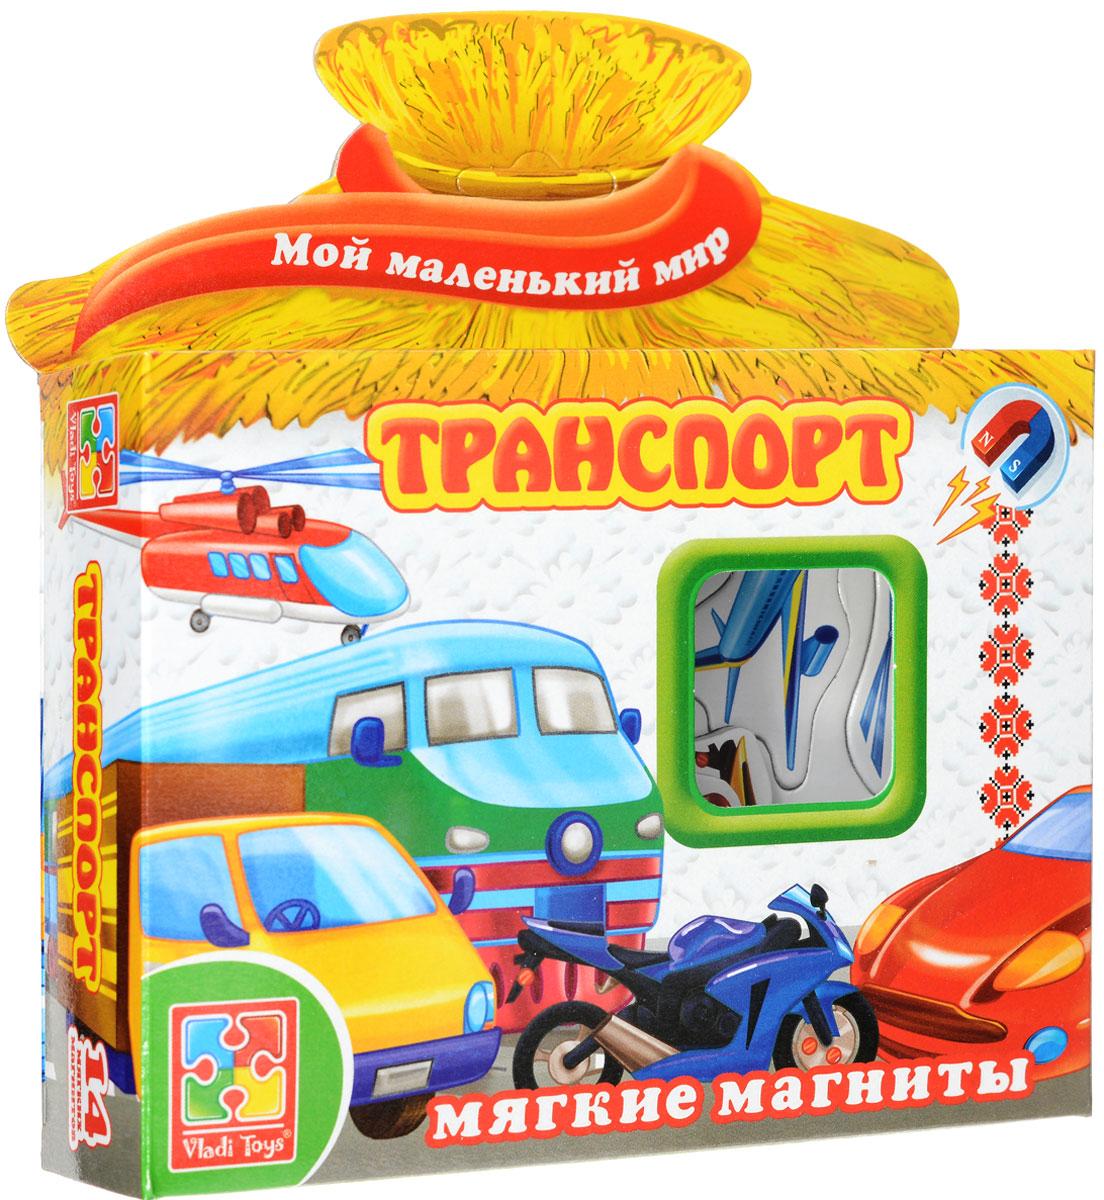 Vladi Toys Развивающая игра ТранспортVT3101-06С развивающей магнитной игрой Vladi Toys Транспорт ваш малыш расширит свои познания об окружающем его мире, увеличит свой словарный запас, сможет весело и познавательно проводить время. Игра познакомит малыша с некоторыми транспортными средствами, которые использует человек. С фигурными магнитиками можно играть на специальном магнитном планшете или просто на любой ровной металлической поверхности. В рекомендациях предлагается несколько вариантов игр. Обучающая игра на магнитах Vladi Toys научит ребенка соотносить название объекта с его изображением. В наборе 14 мягких магнитов толщиной 3 мм.